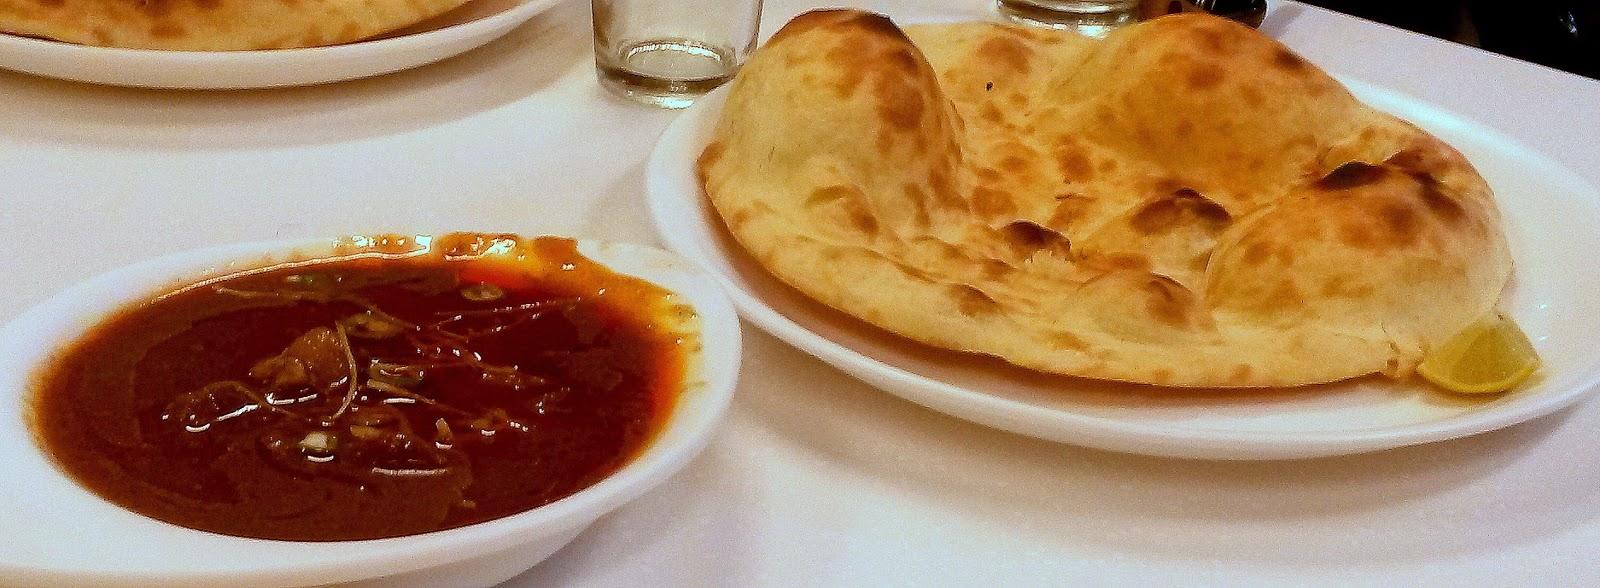 Khameeri Roti and Nihari at Karim's